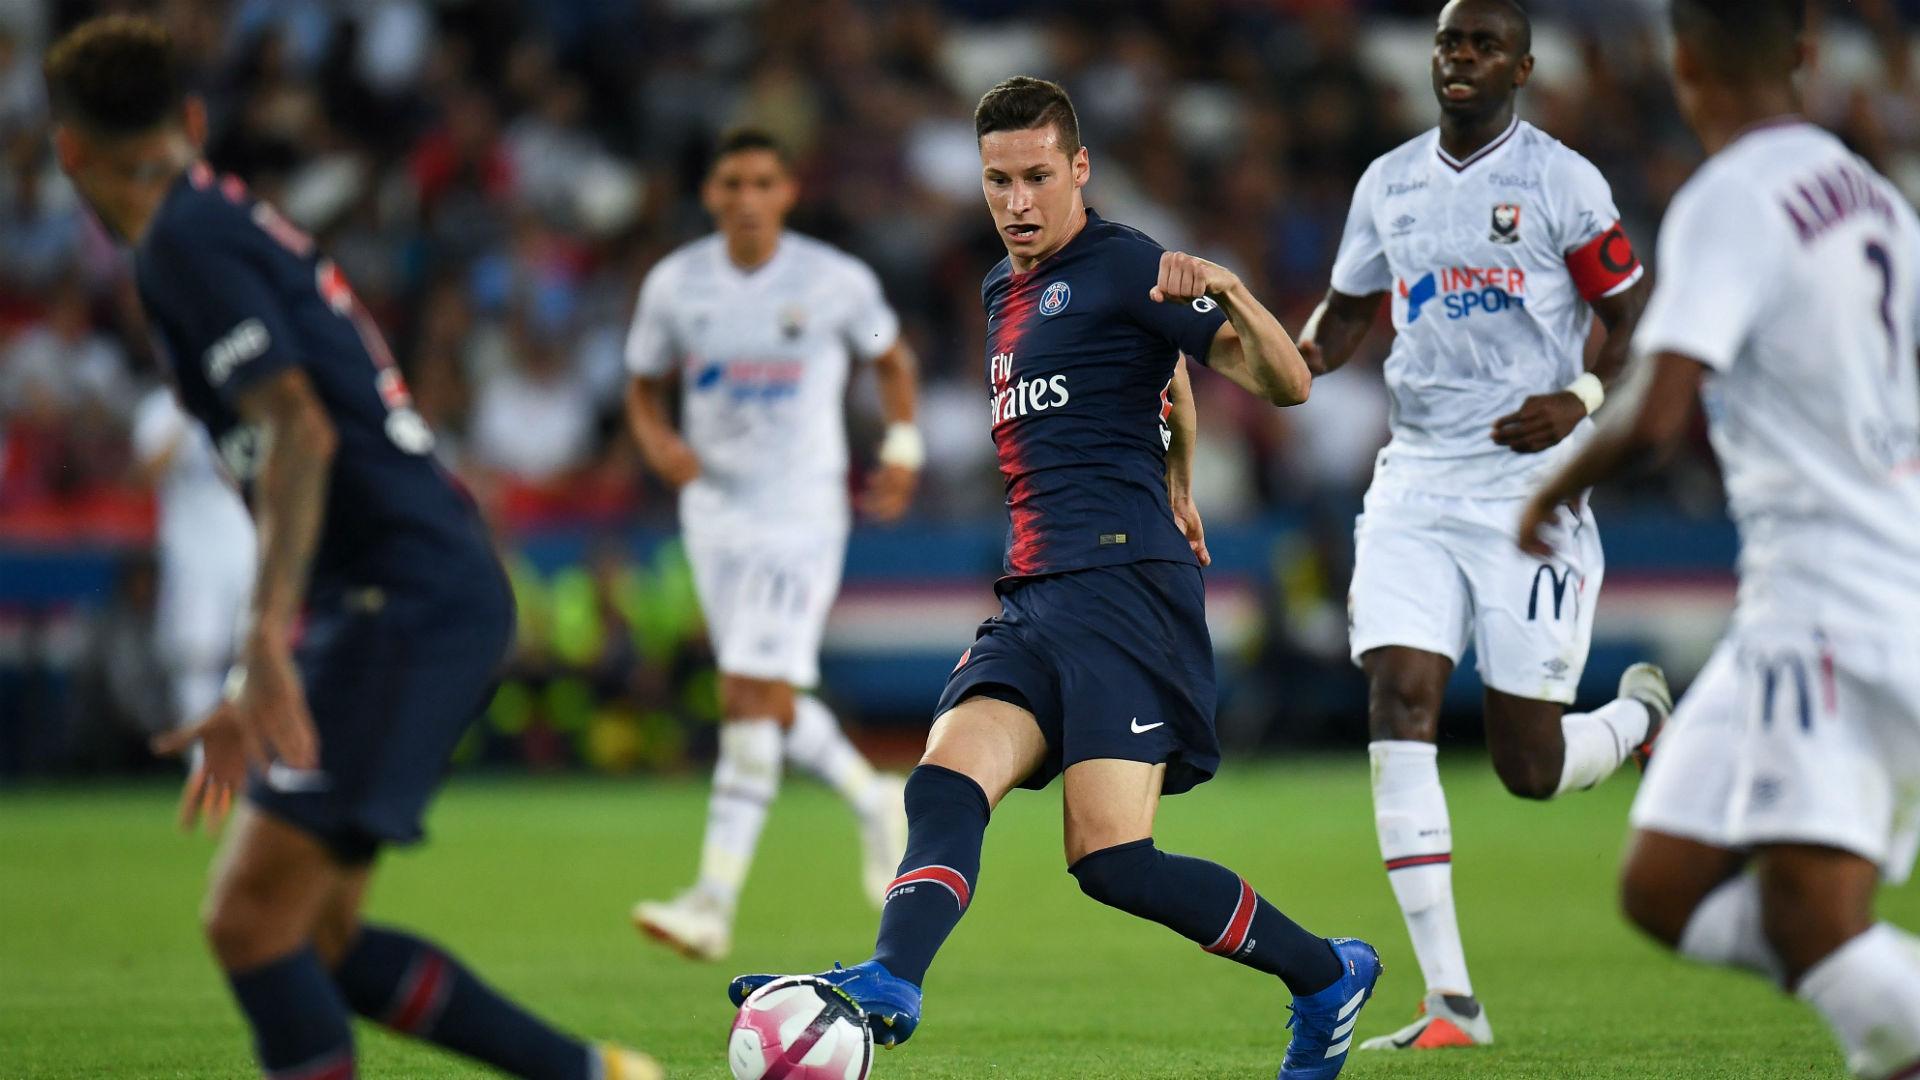 Julian Draxler PSG Caen Ligue 1 12082018